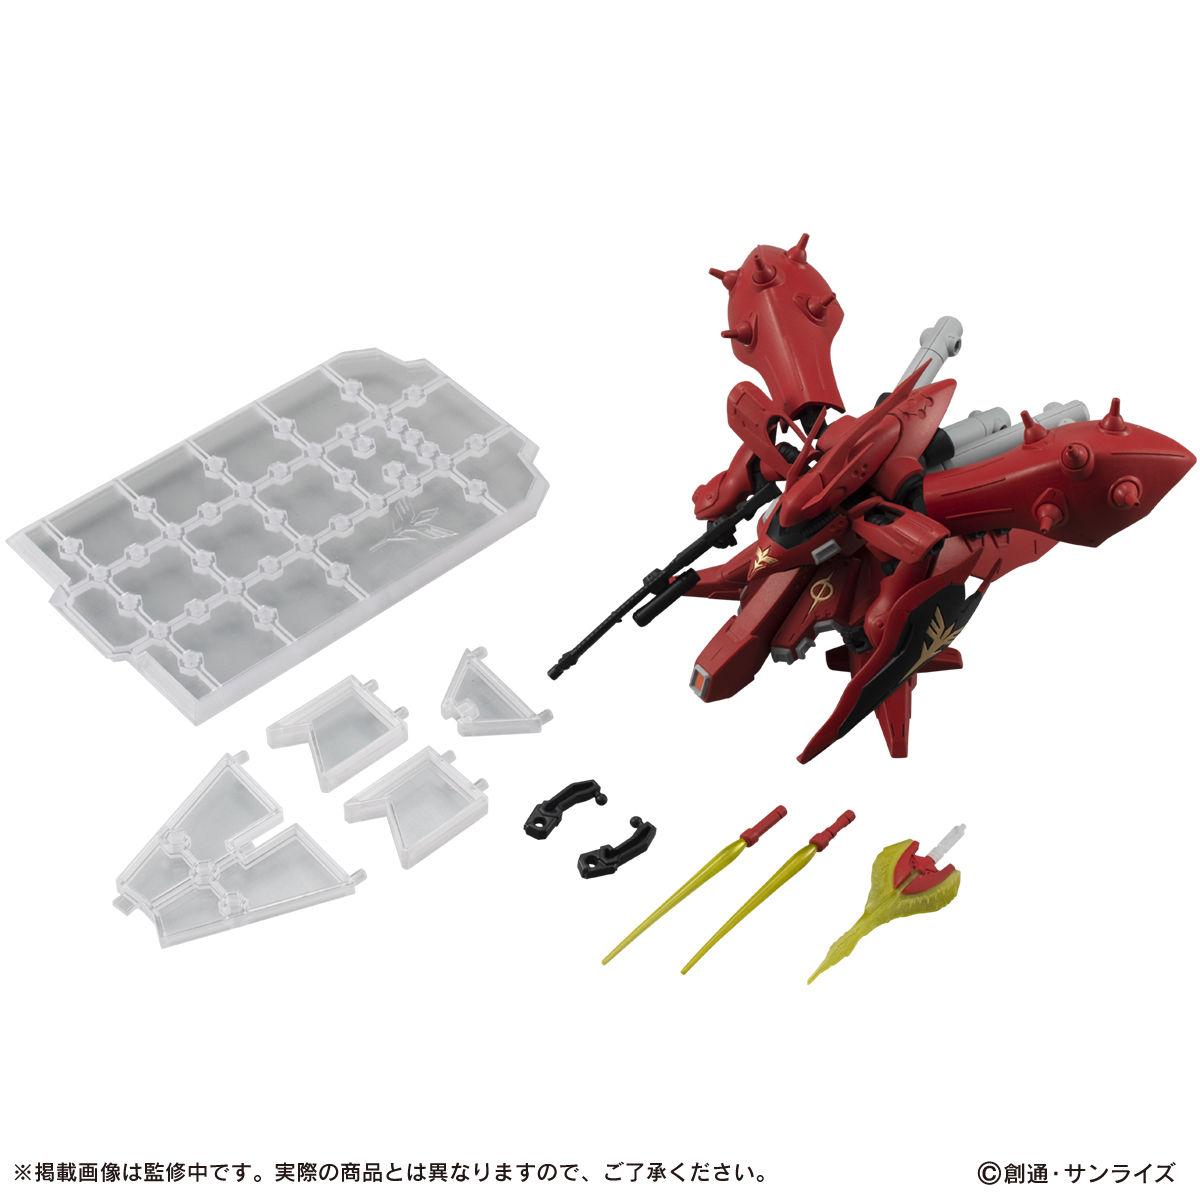 【限定販売】MOBILE SUIT ENSEMBLE『EX27 Hi-νガンダムセット』デフォルメ可動フィギュア-015